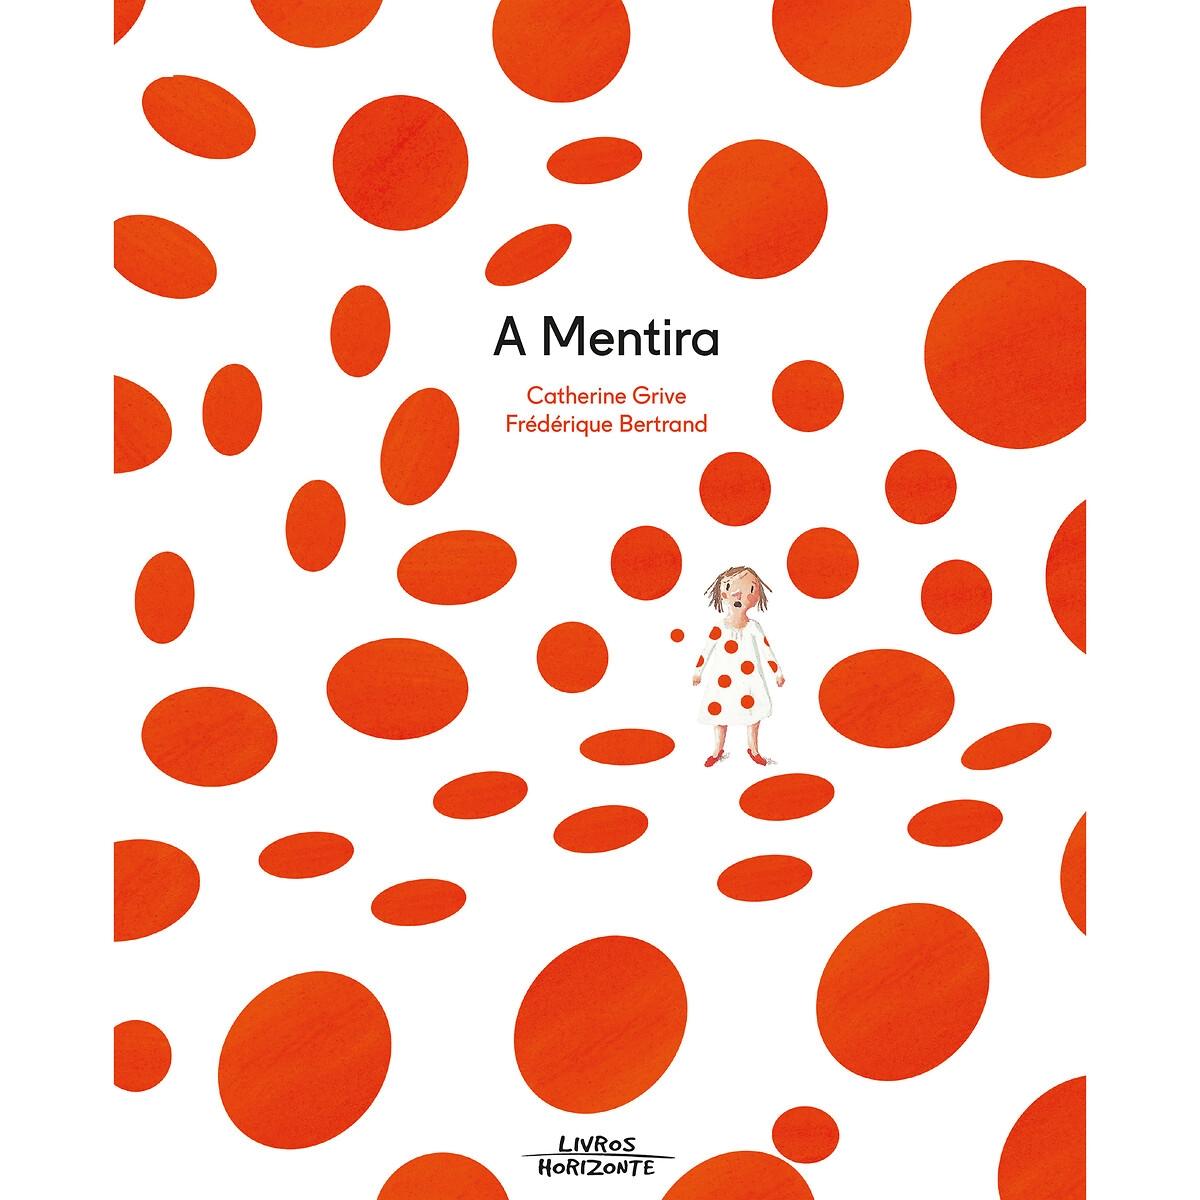 LIVROS HORIZONTE - Livros Horizonte A Mentira